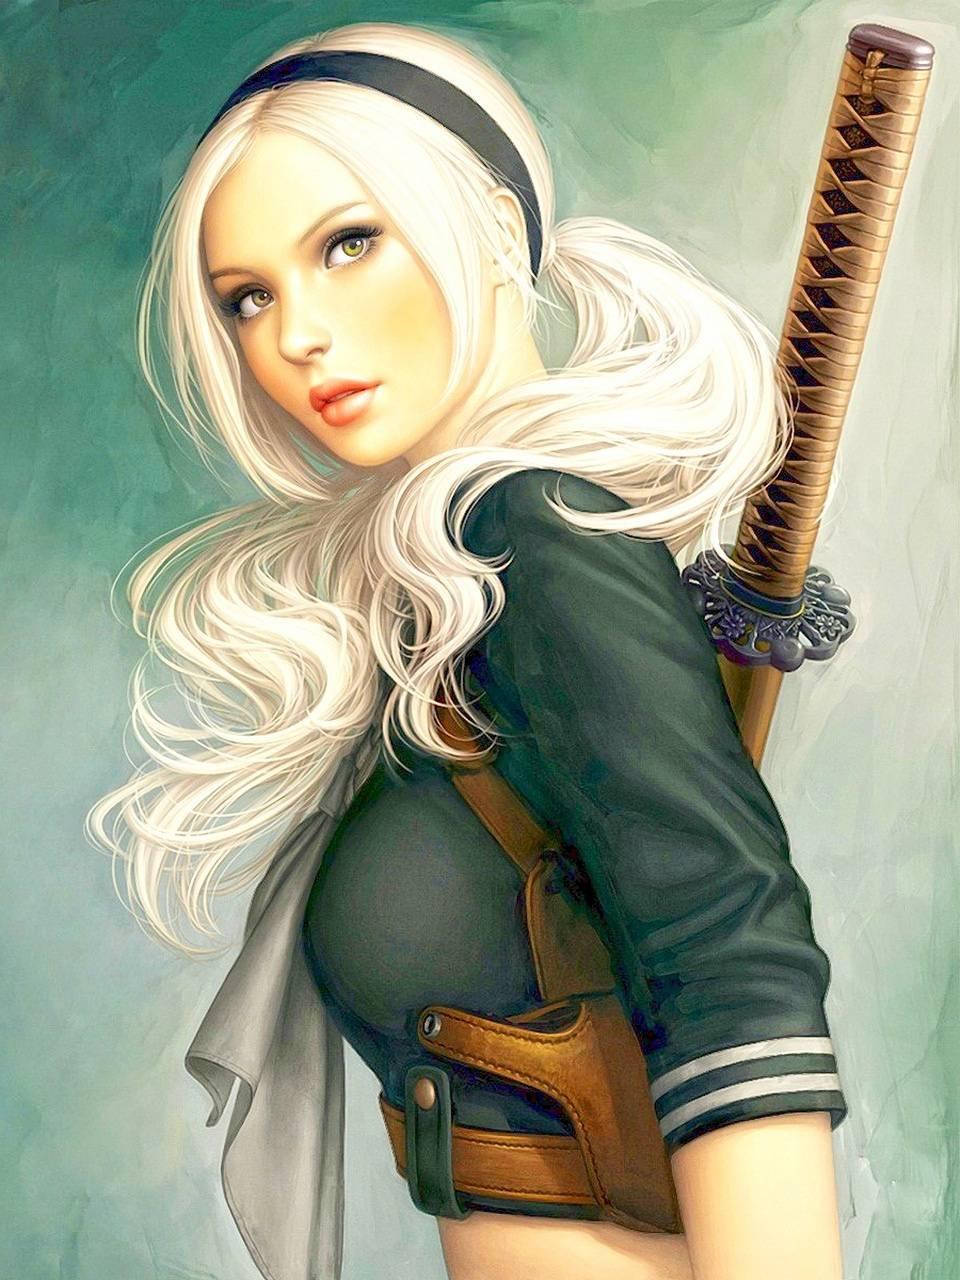 Fantasy Girl Wallpaper By Hende09 6e Free On Zedge